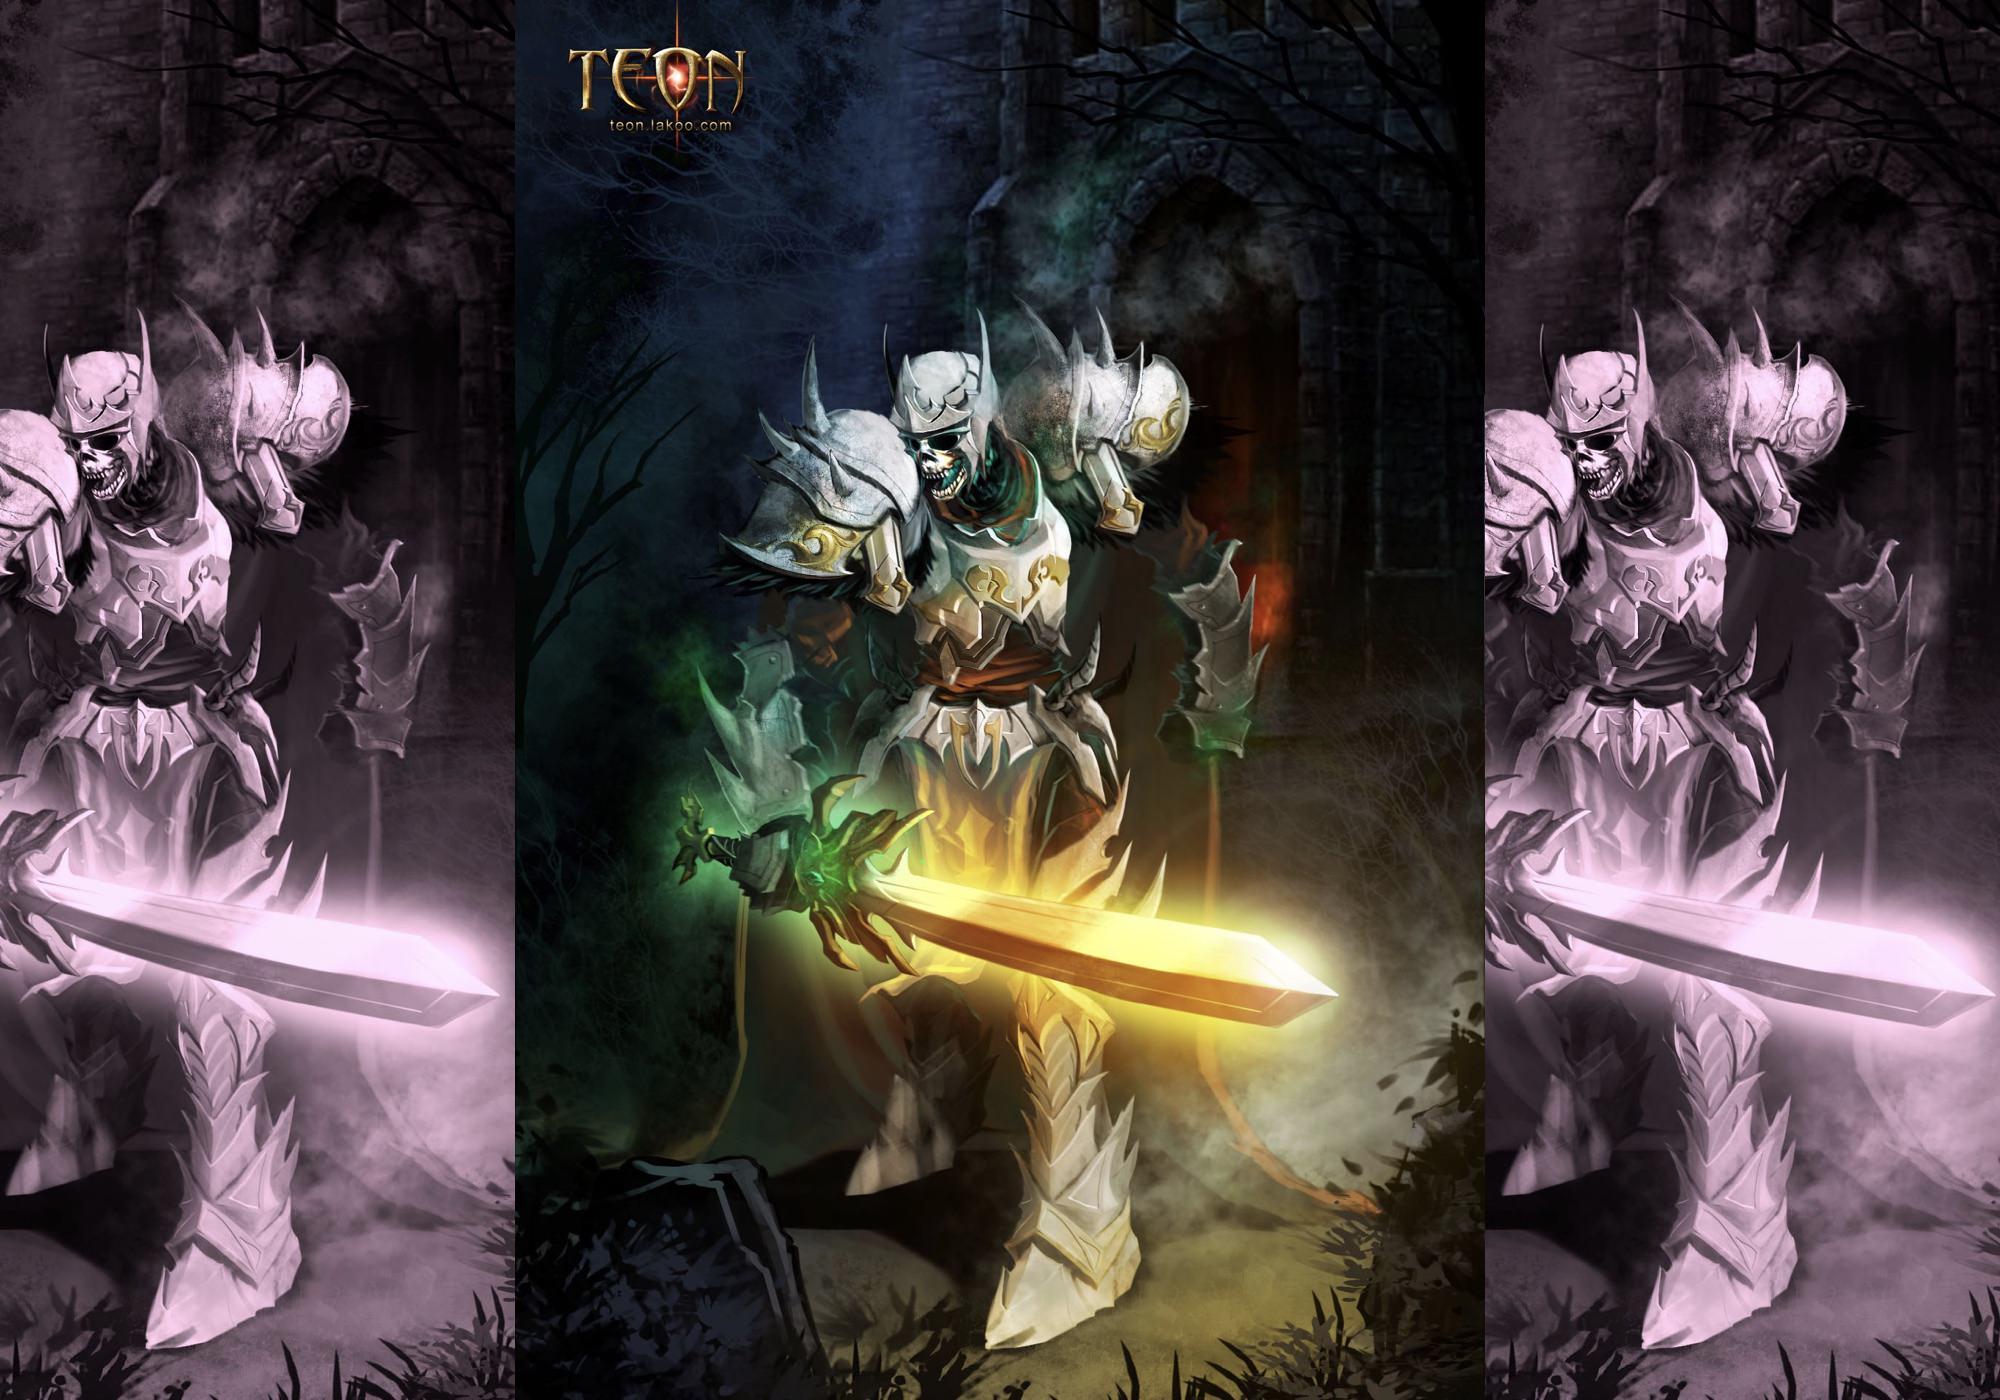 Teon 非官方遊戲攻略網:骷髏全套製作攻略本